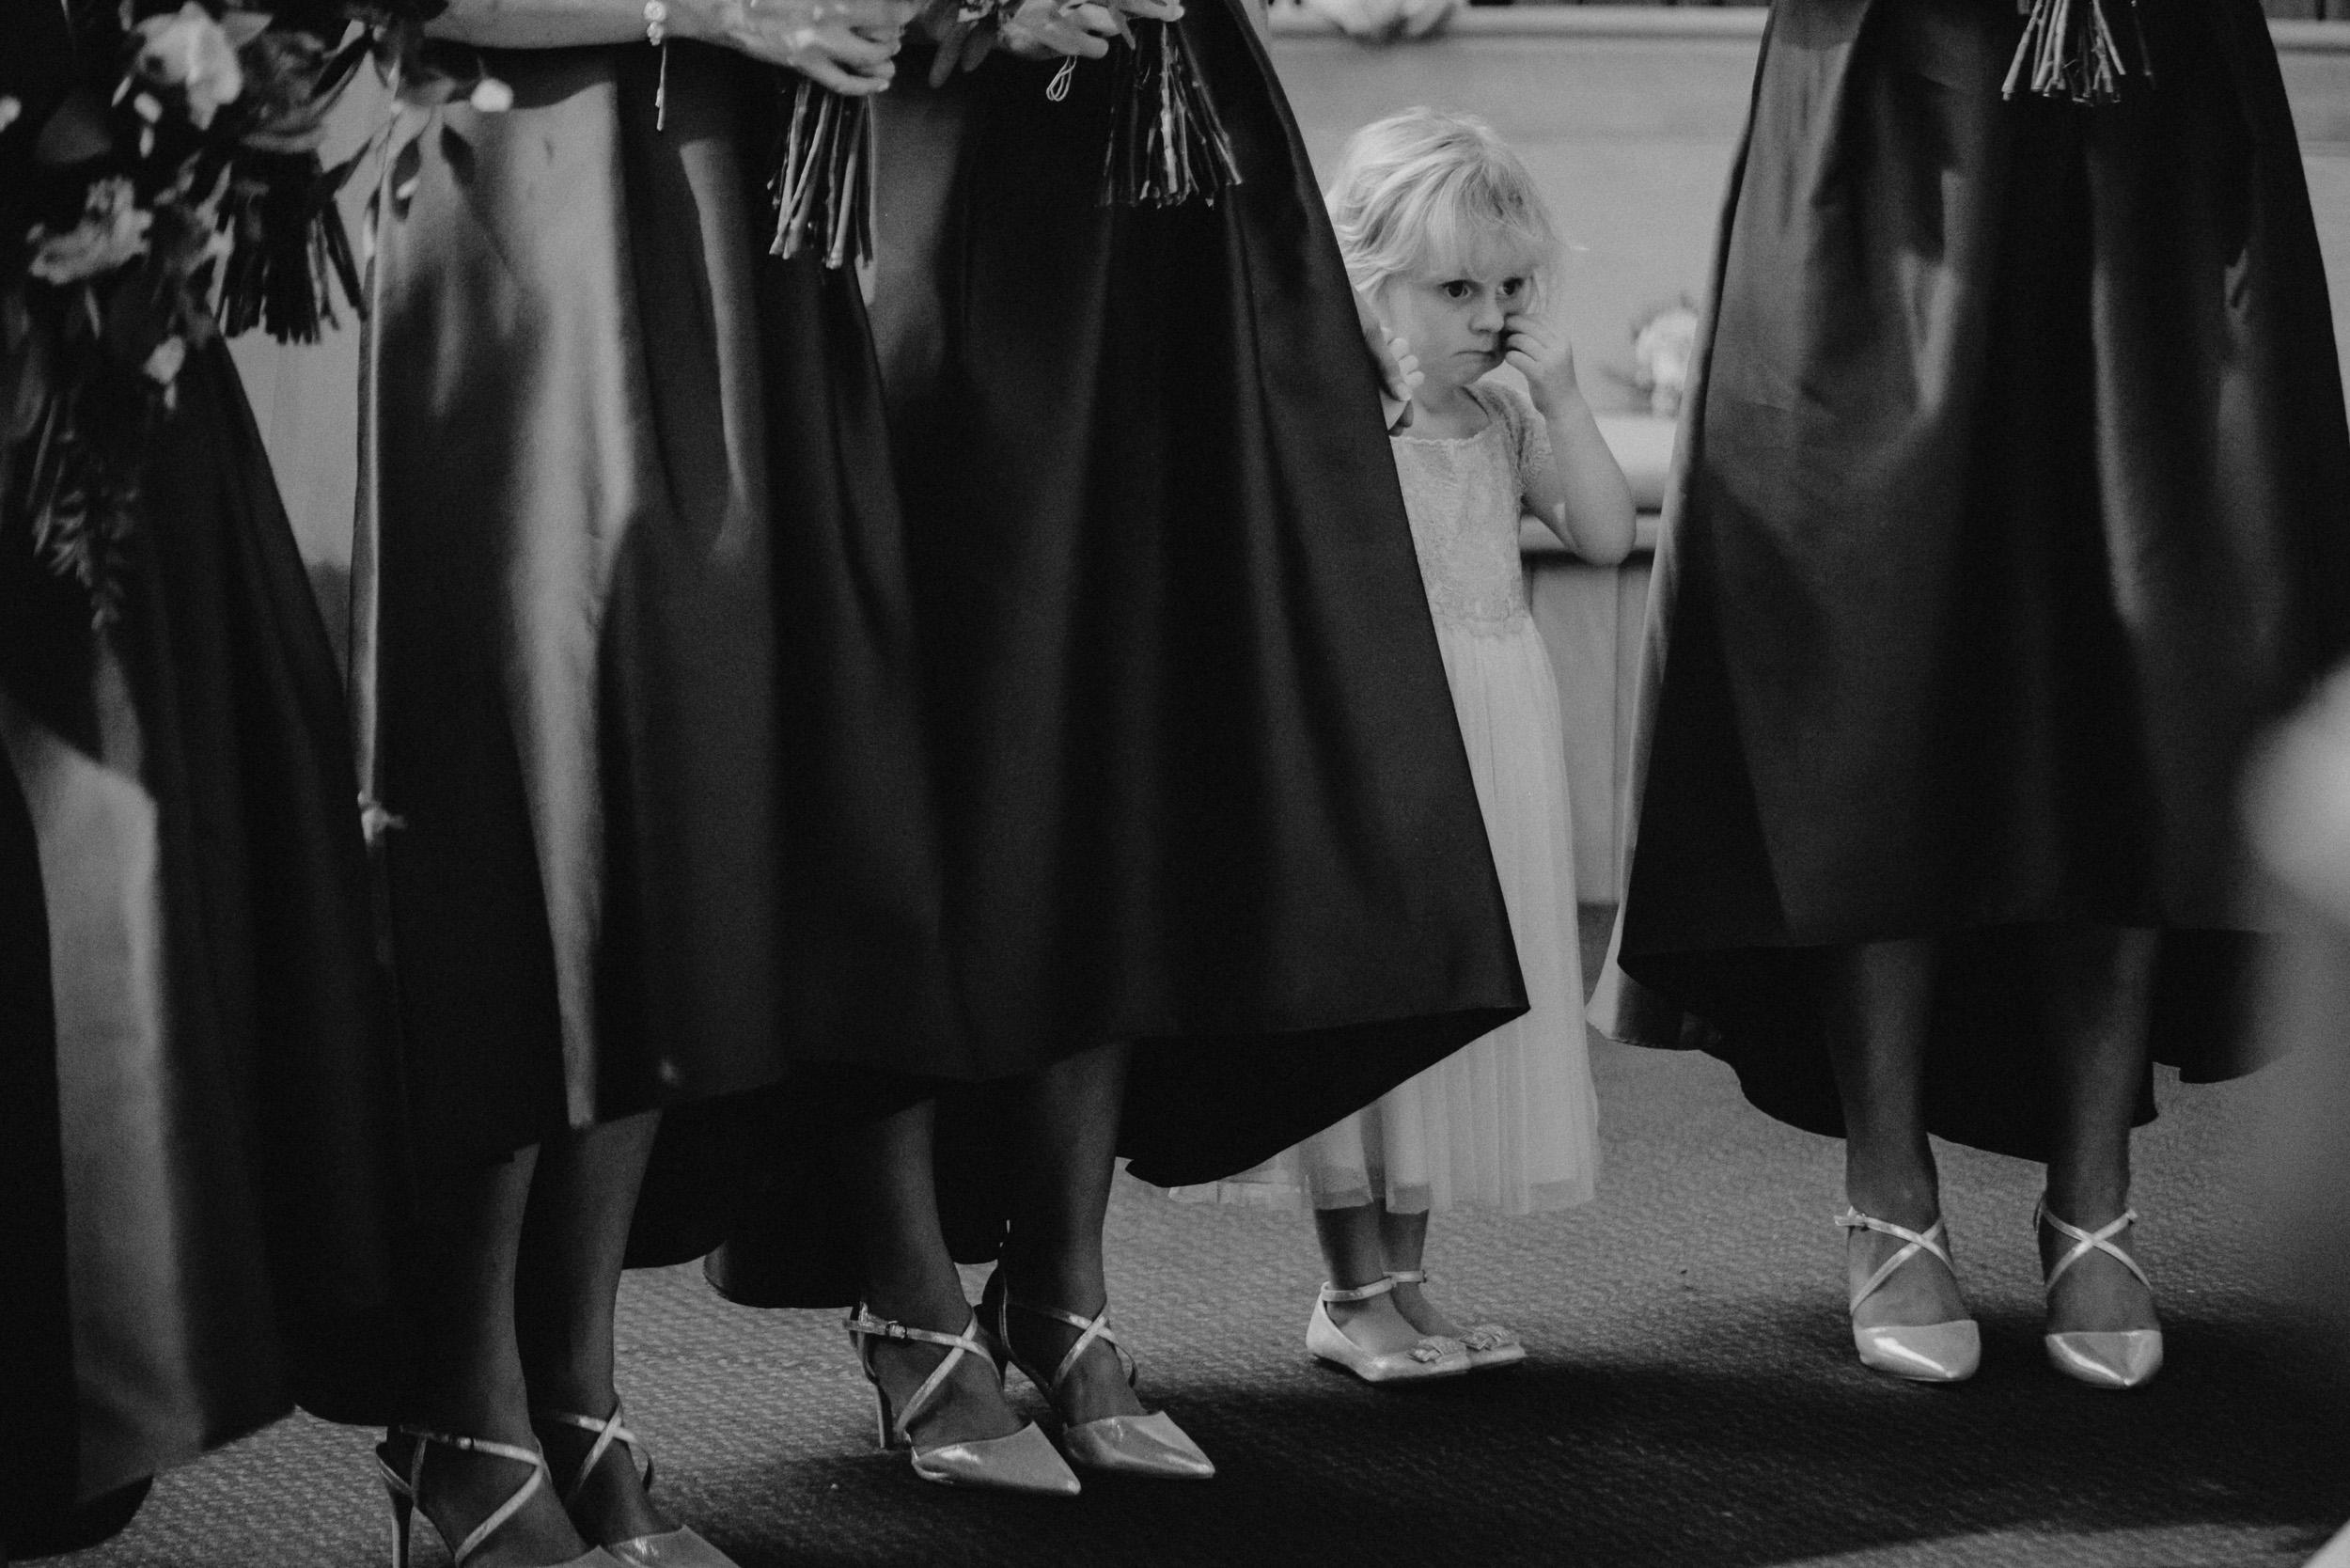 wedding photogaphy peter mackey 2018 meg-4.jpg